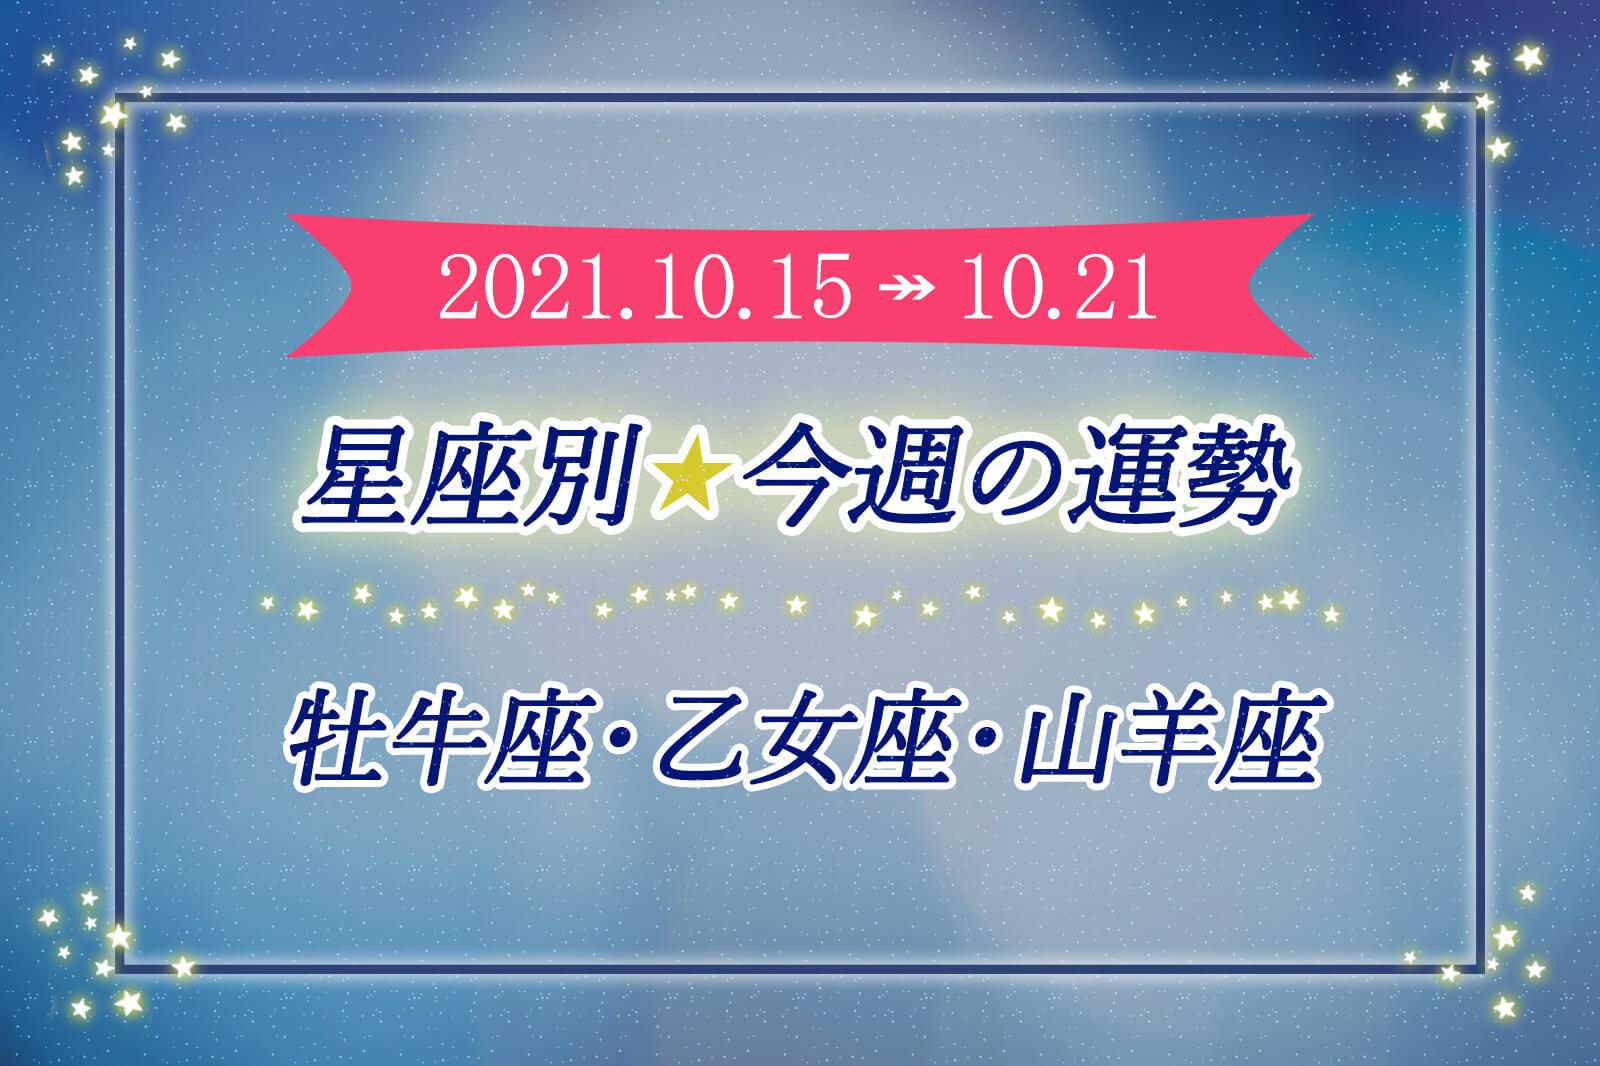 ≪牡牛座/乙女座/山羊座≫月の動きで見る1週間の心の変化*10月15日 ~ 10月21日